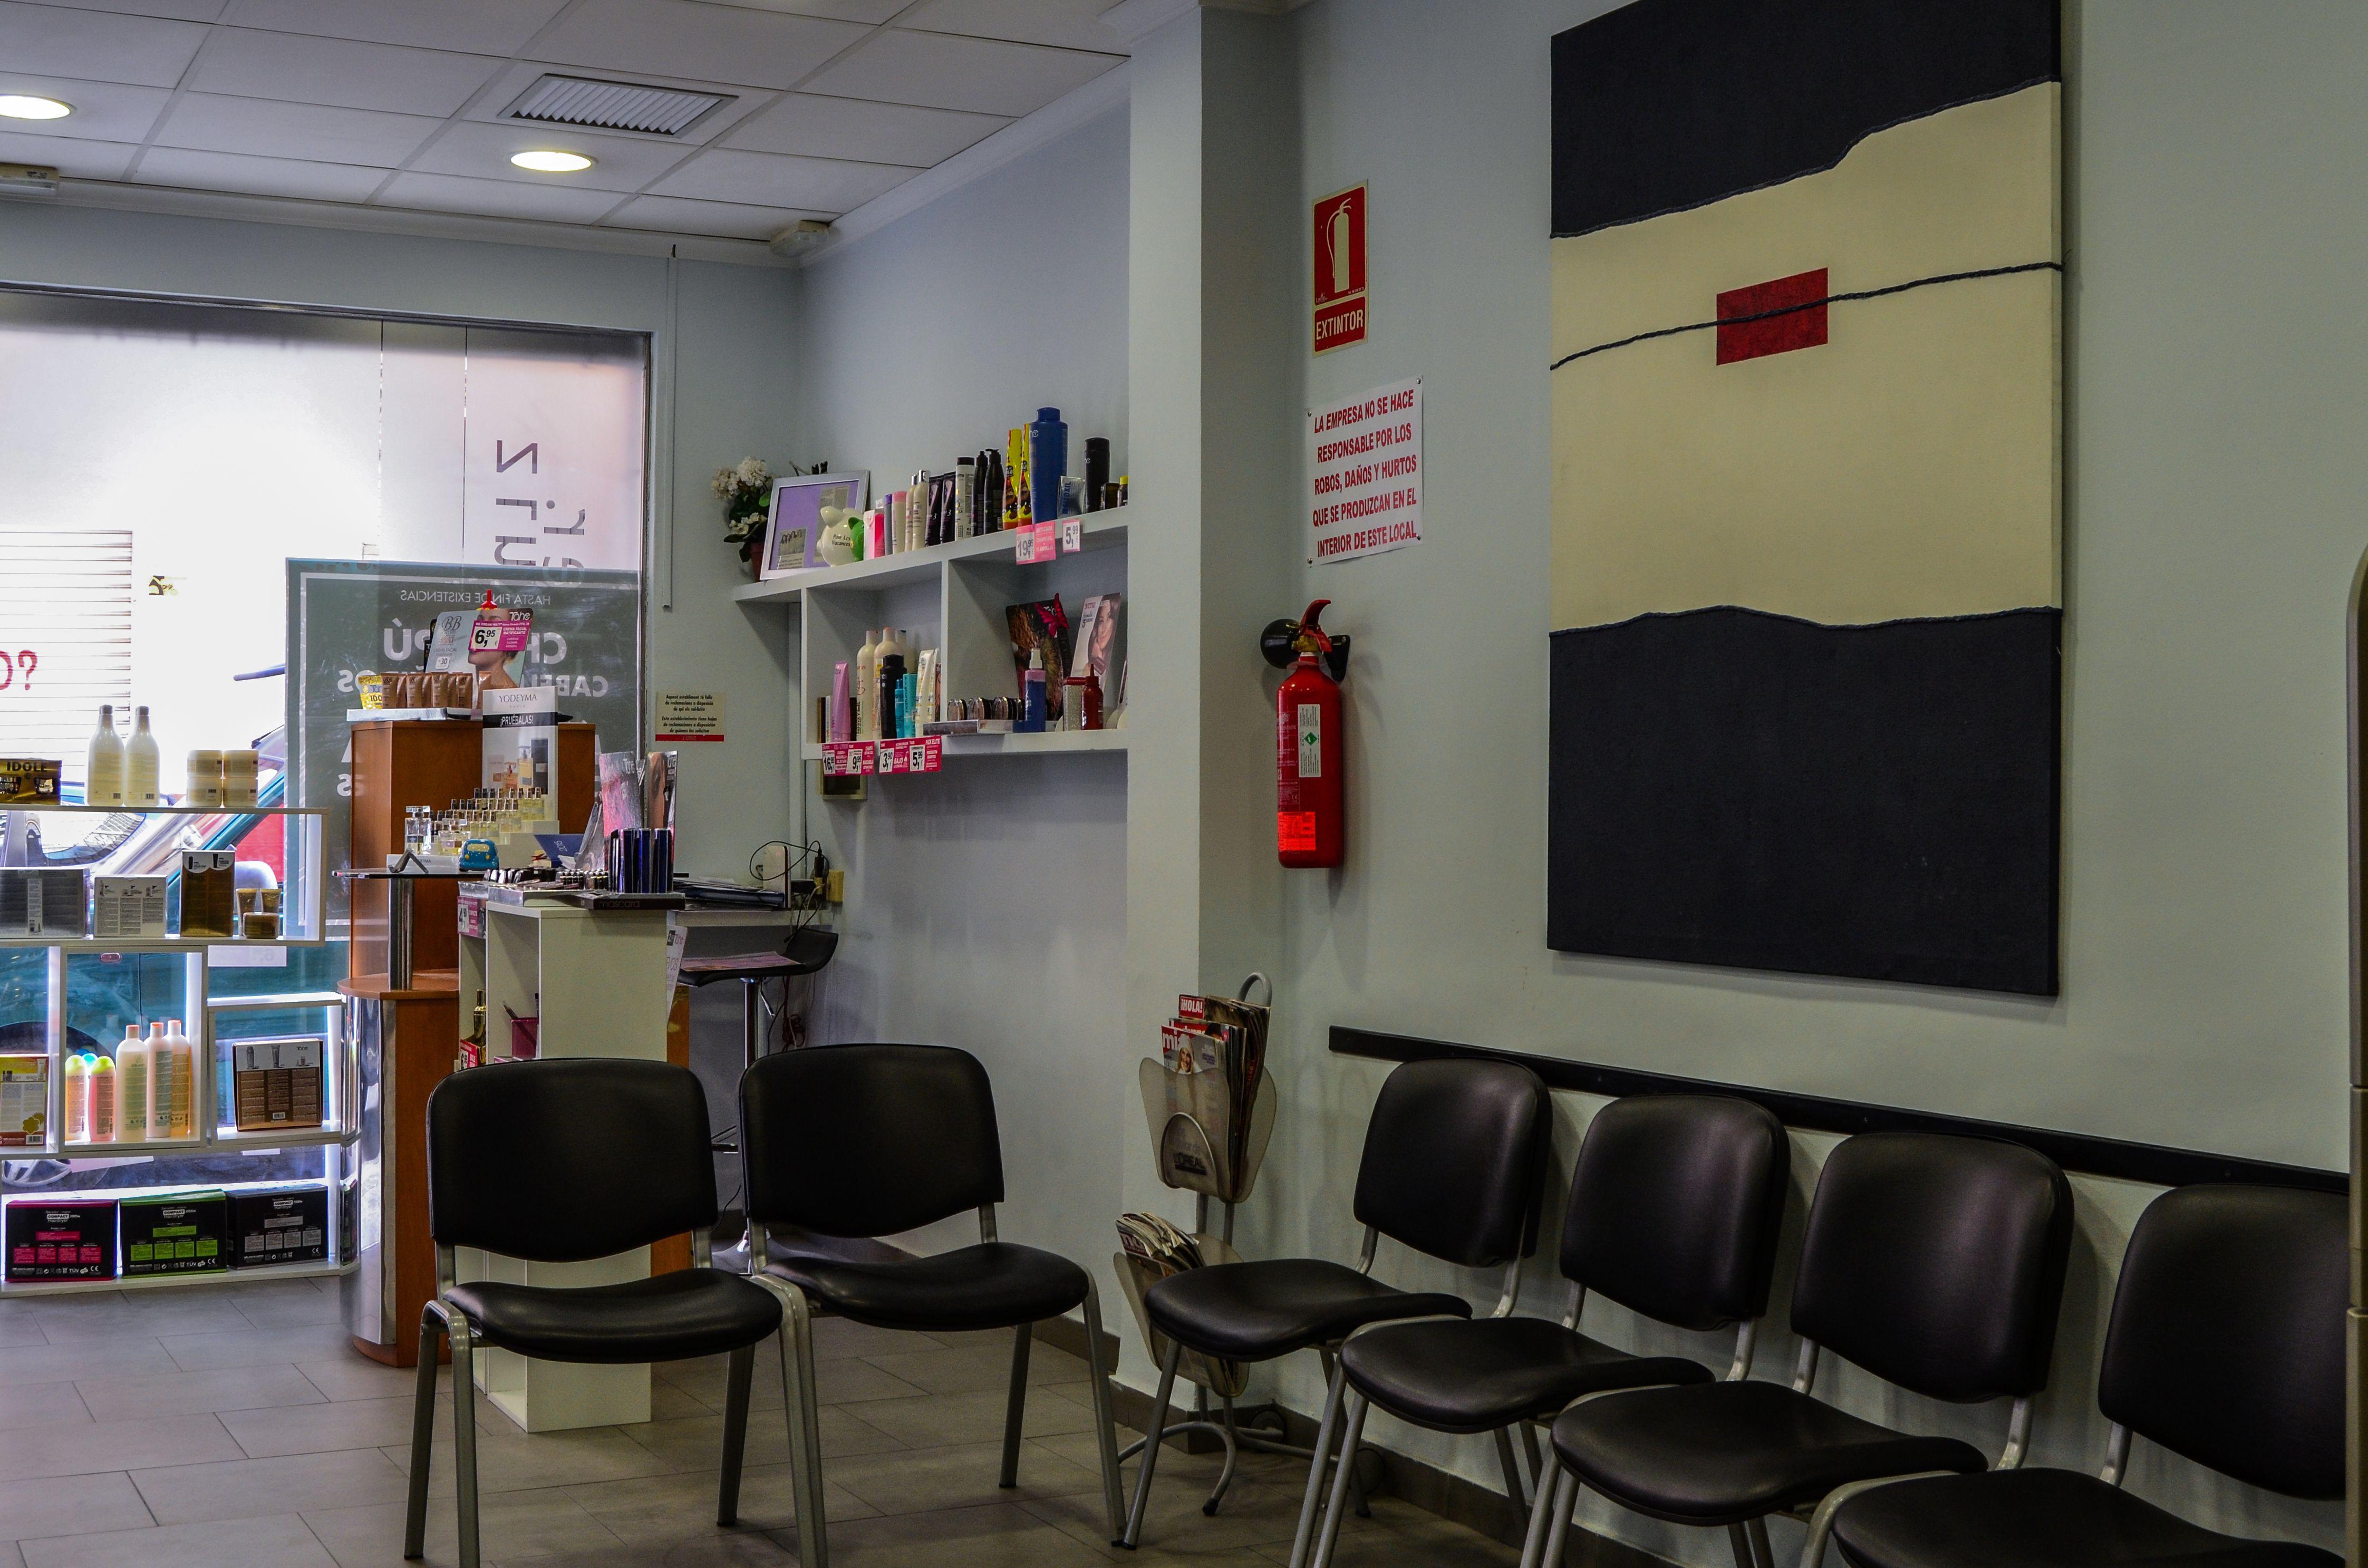 Foto 5 de Peluquería mujer-hombre en Valencia   Esther Ruiz Peluquería y Estética